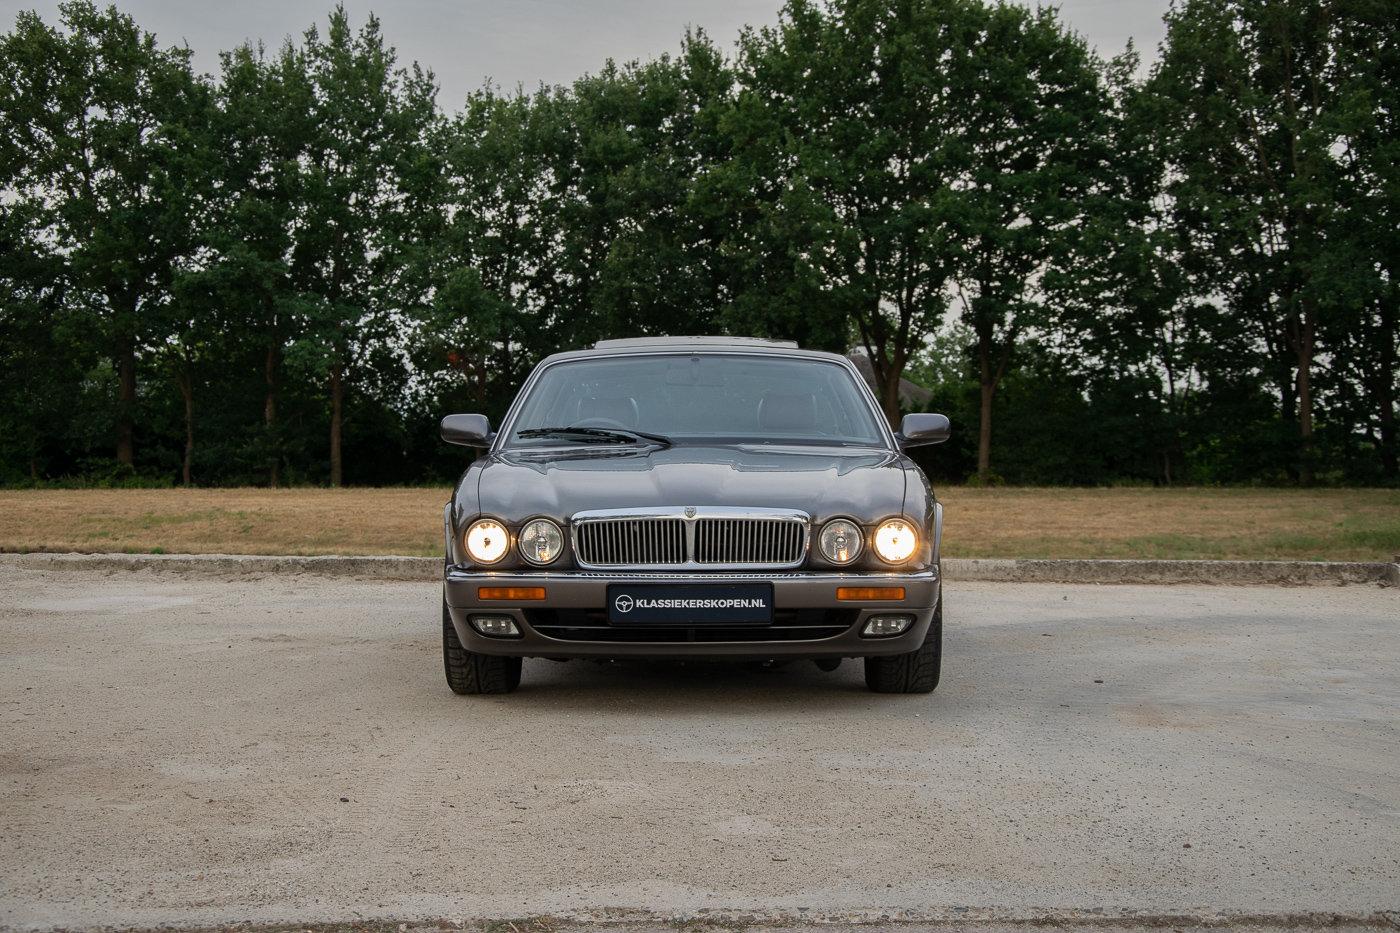 1996 JAGUAR XJ12 6.0 V12 - 94.221 Miles - Steel Grey For Sale (picture 4 of 6)